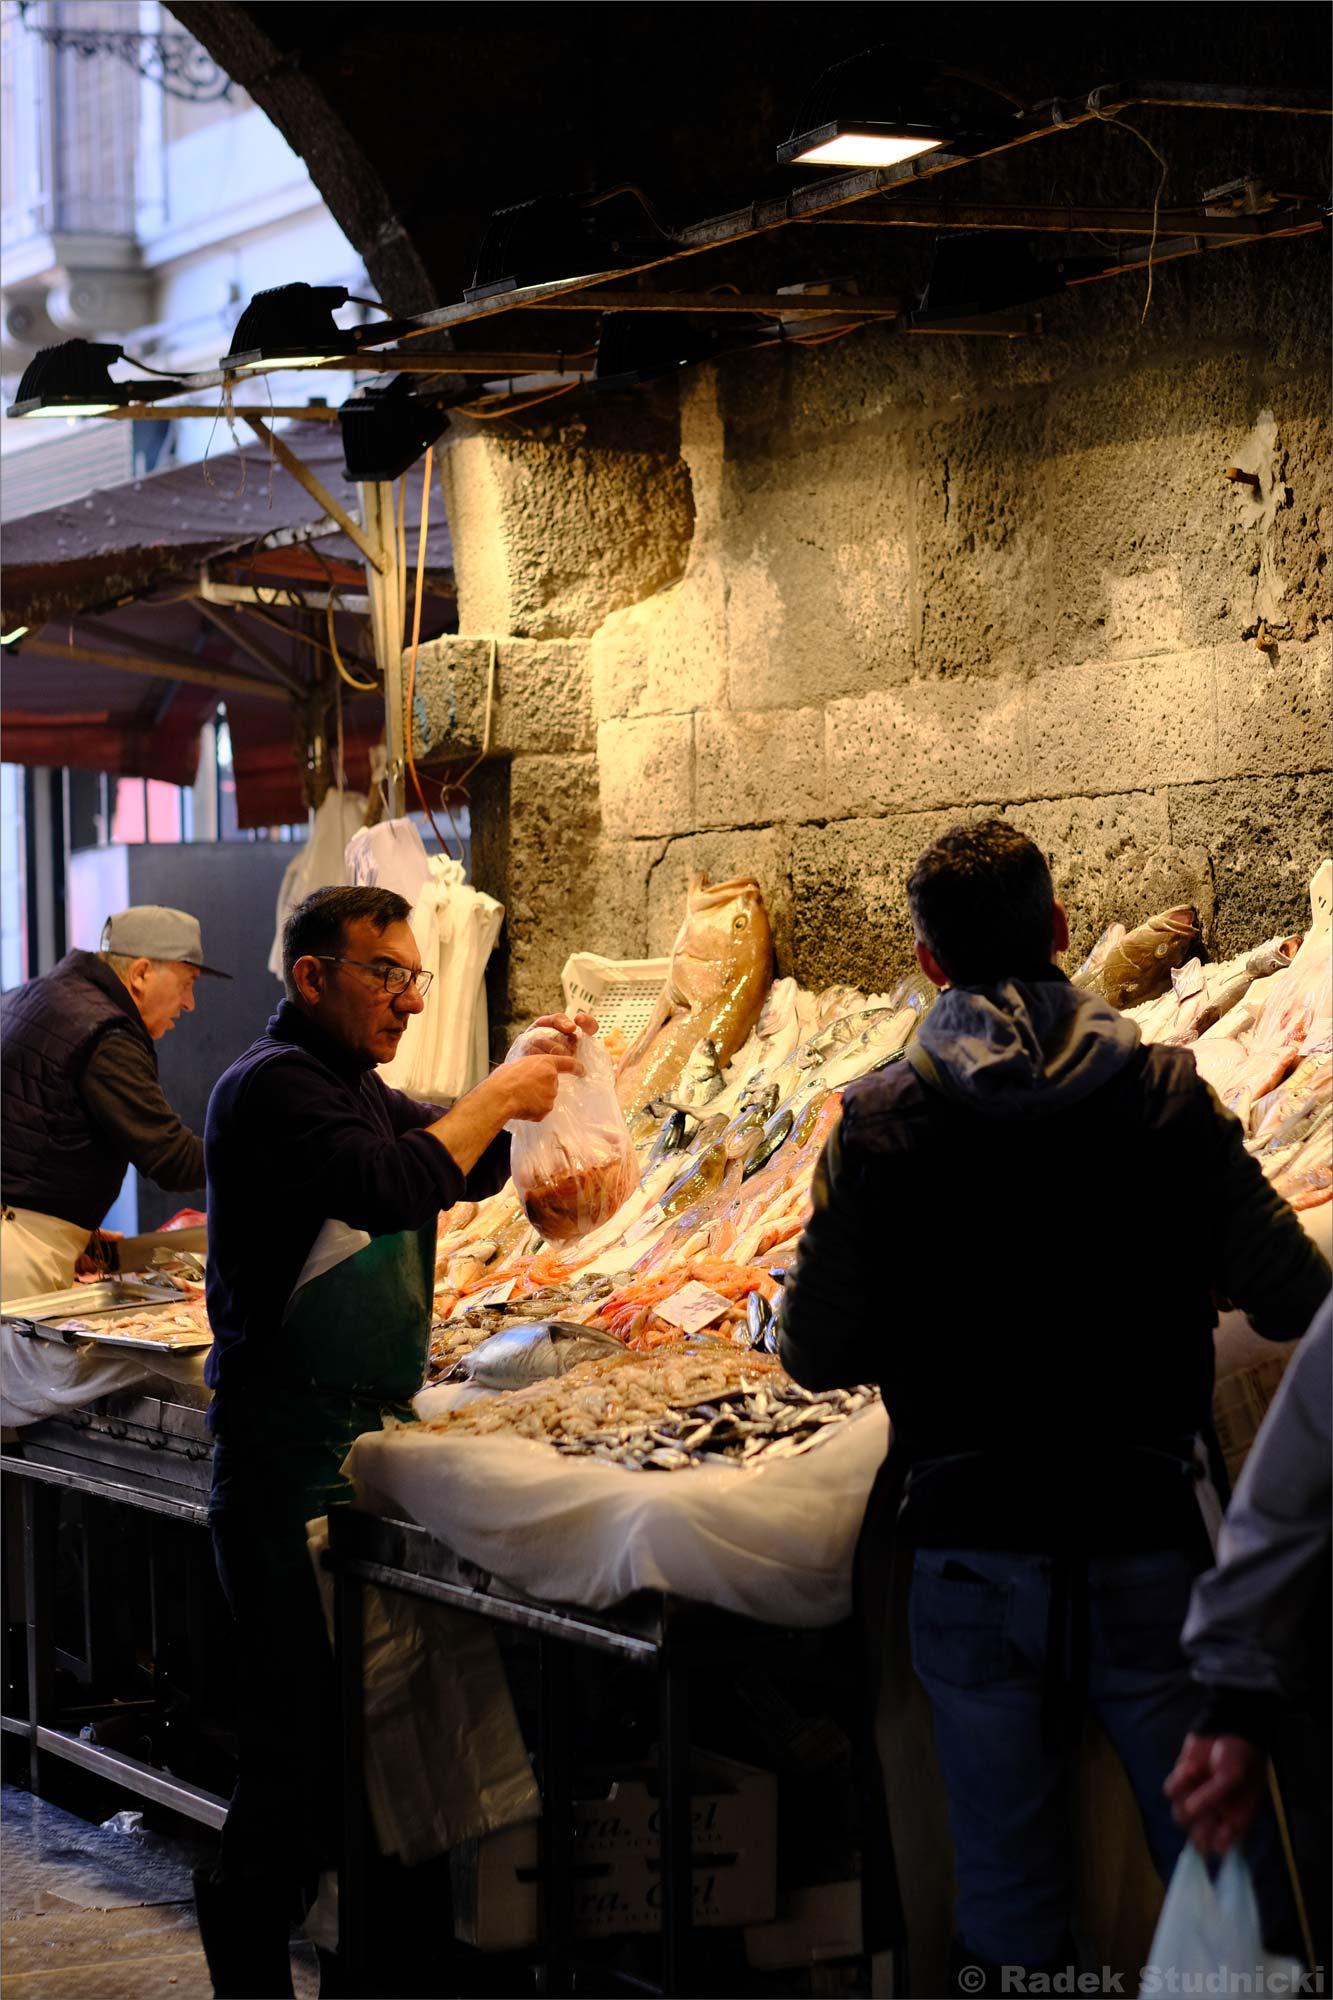 La pescaderia di Catania